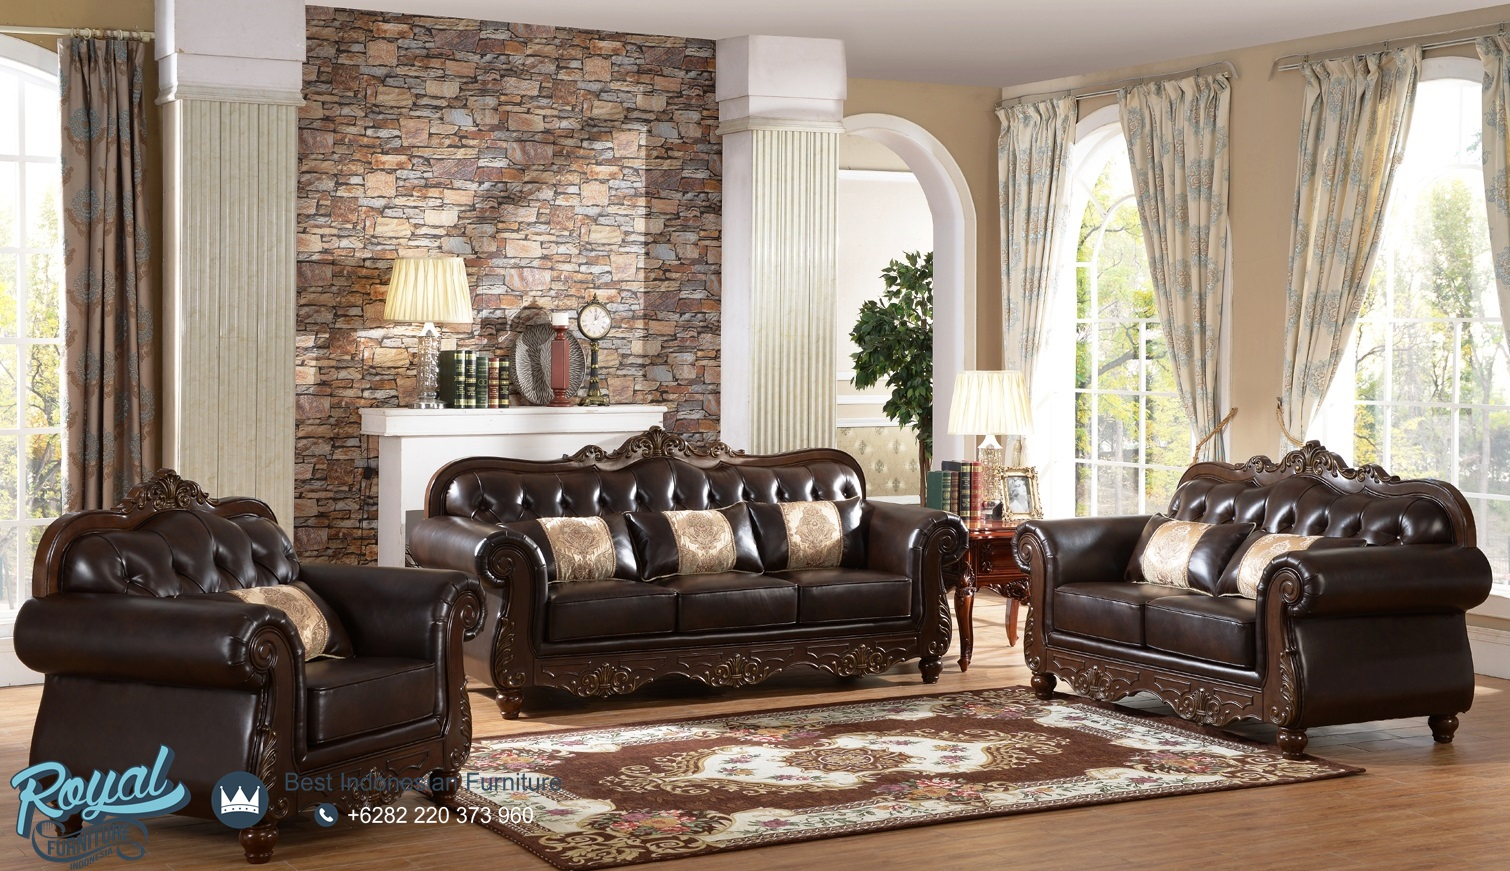 Set Kursi Sofa Tamu Jati Klasik Terbaru Ukir Jepara Antique, set sofa tamu mewah, set sofa tamu klasik, set sofa tamu ukir classic, set sofa tamu jepara terbaru, set sofa tamu modern, kursi tamu sofa mewah, sofa mewah modern, kursi tamu mewah minimalis, kursi tamu mewah modern, sofa mewah minimalis, kursi tamu mewah kualitas terbaik, model kursi tamu mewah, kursi mewah ruang tamu, sofa tamu klasik gold duco, sofa tamu ukir jepara, set kursi tamu, sofa tamu mewah, sofa tamu ukiran jepara, sofa tamu ukir mewah, sofa tamu jati, sofa ruang tamu jati jepara, kursi sofa tamu mewah terbaru, royal furniture